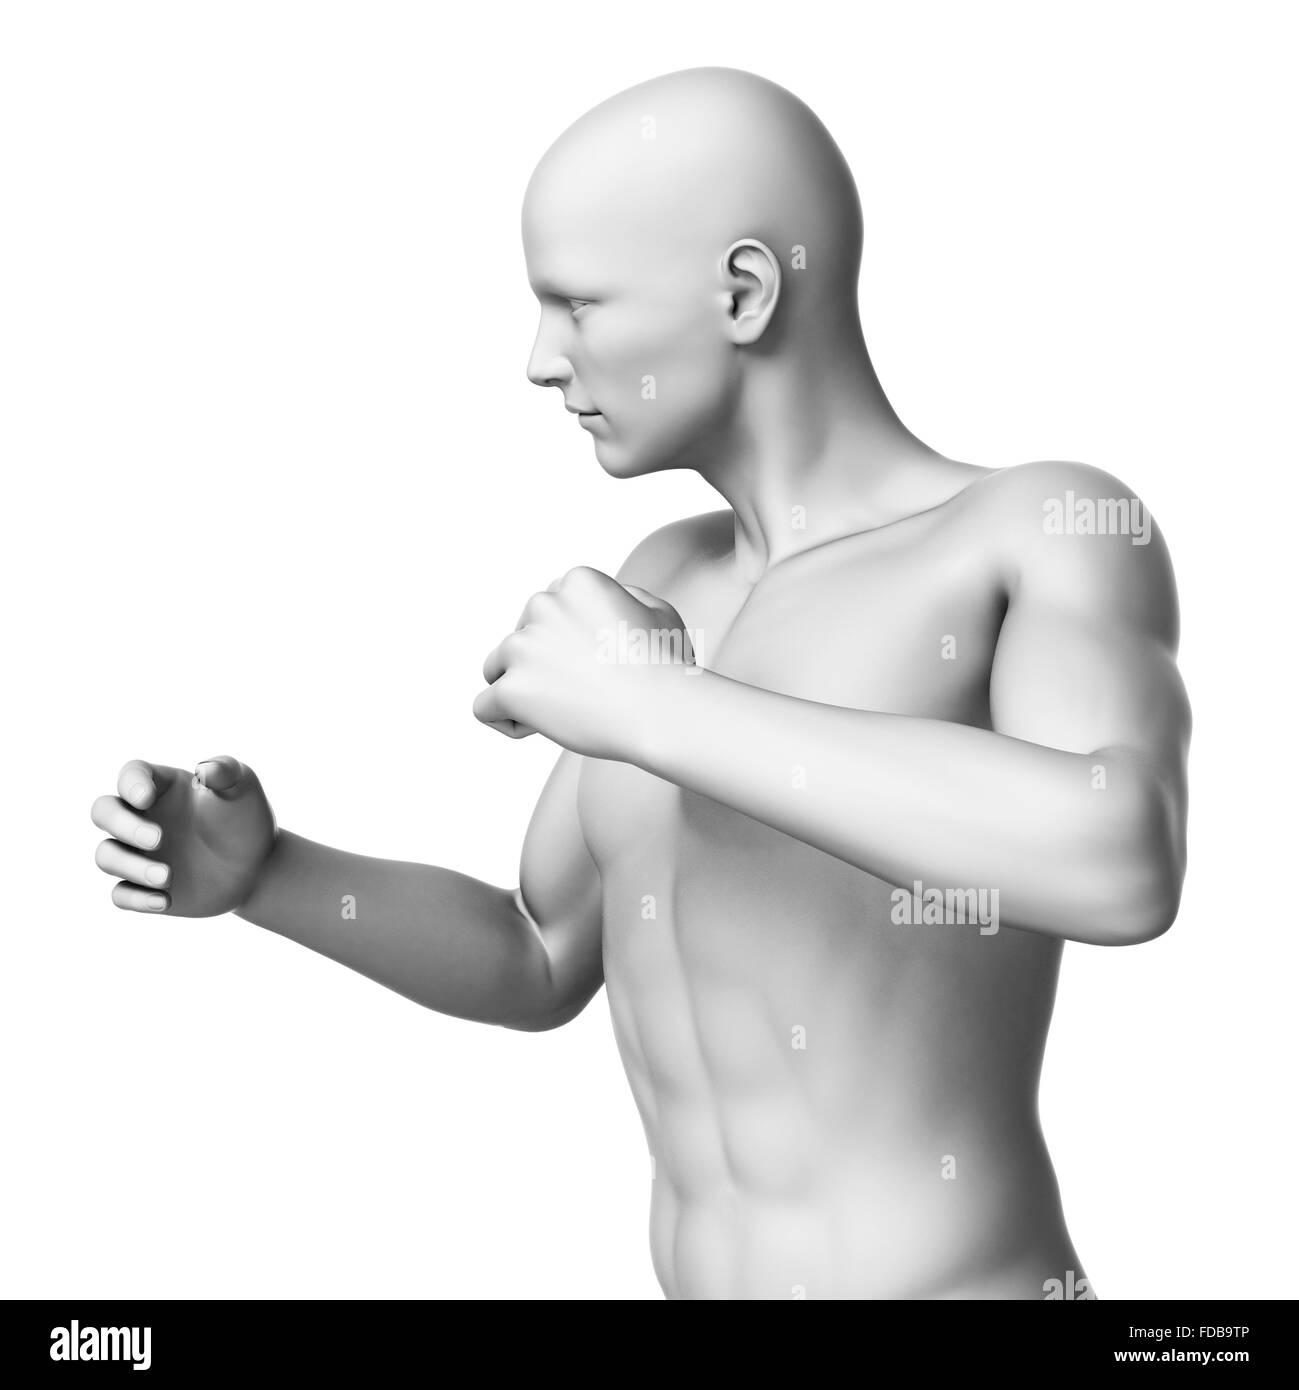 Anatomie eines Mannes mit Arme nach oben, Abbildung Stockfoto, Bild ...